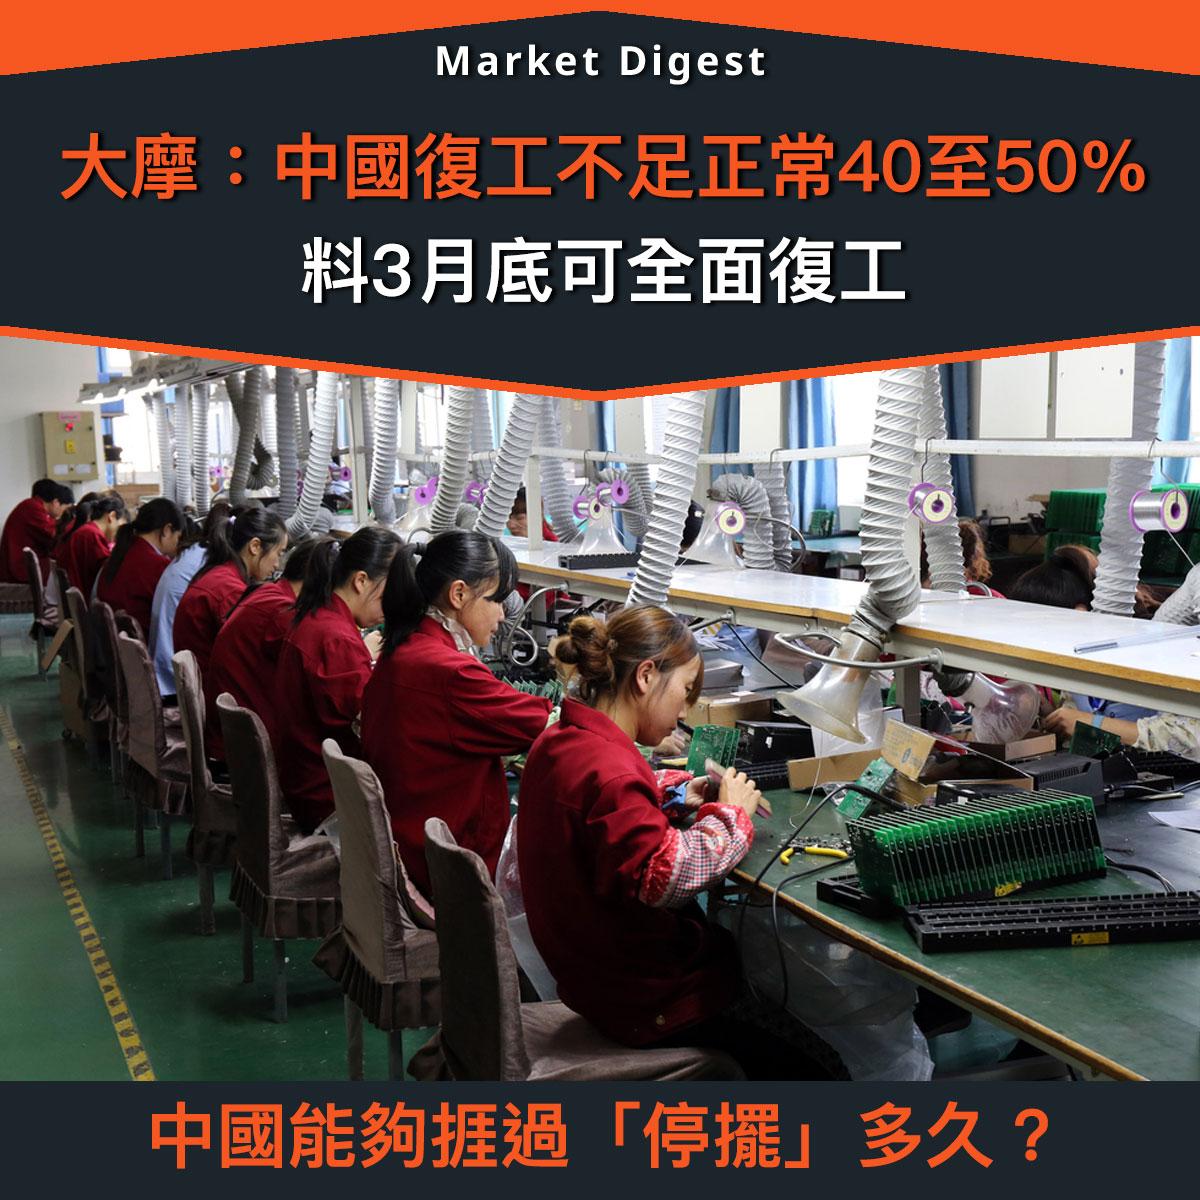 【市場熱話】摩根士丹利:中國復工不足正常40至50%,料3月底可全面復工